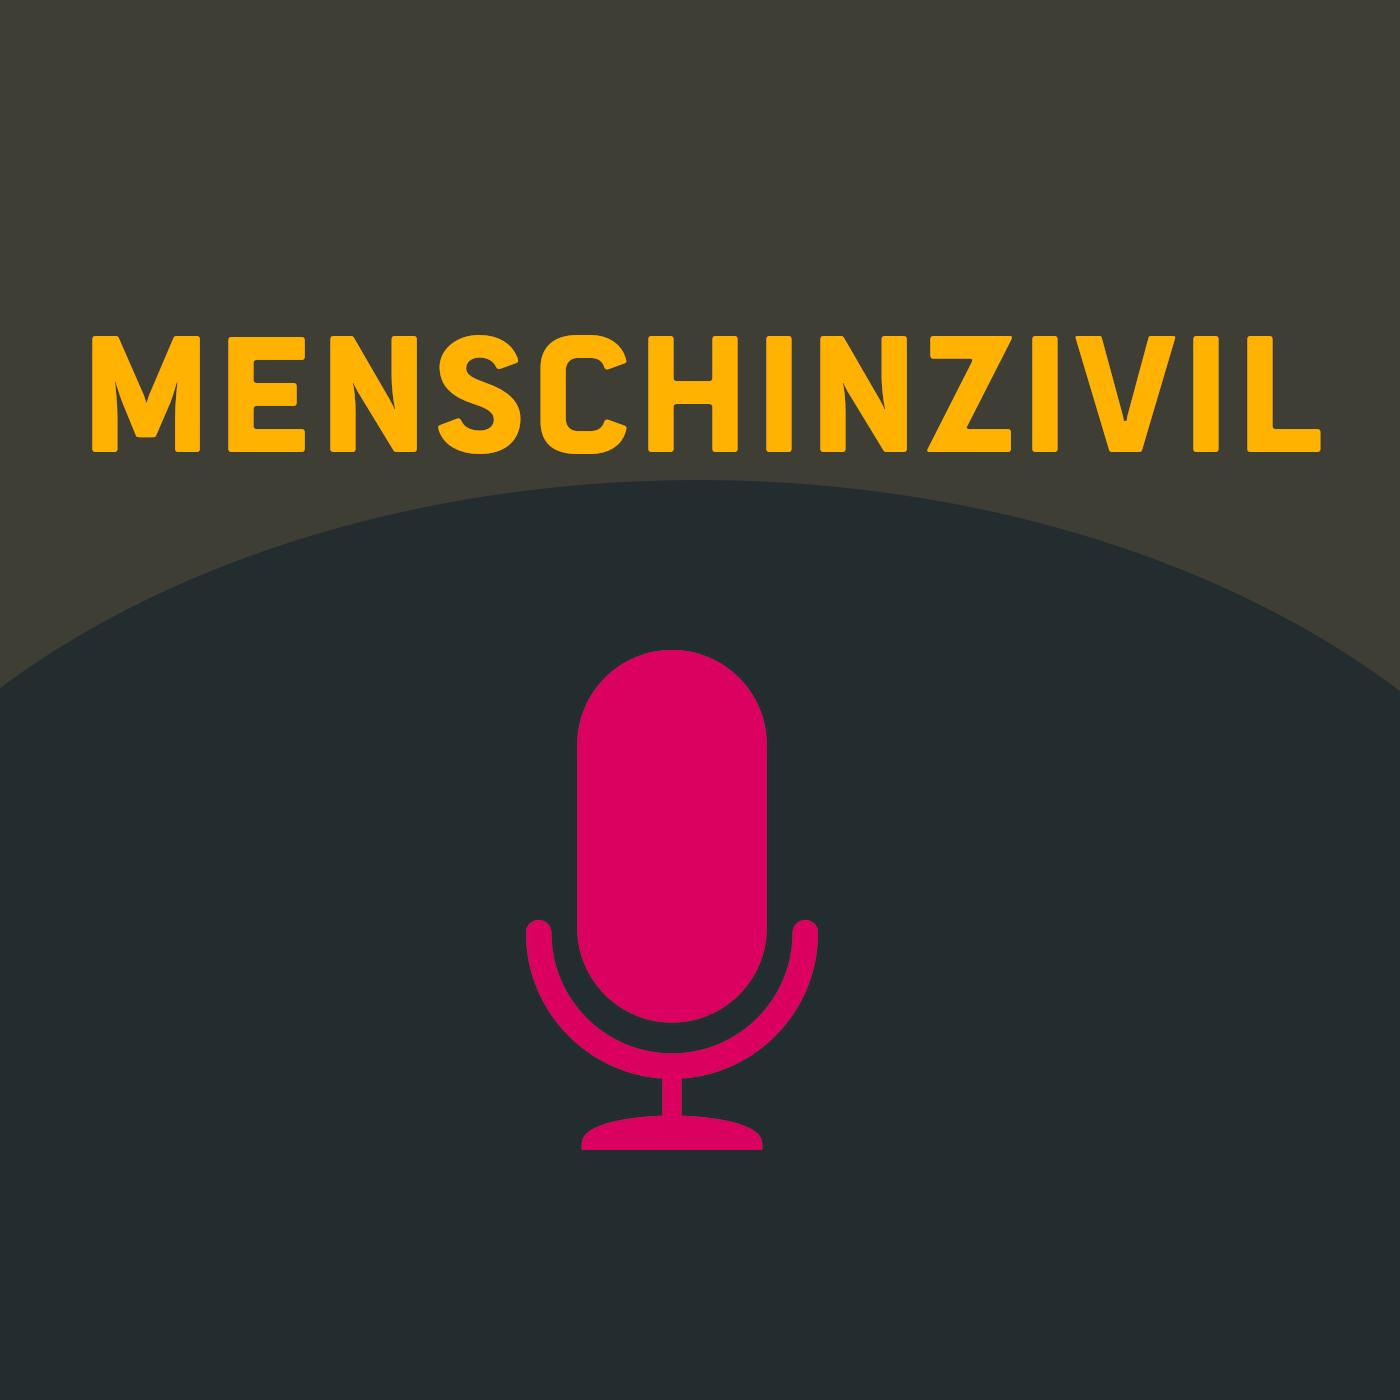 MENSCHINZIVIL